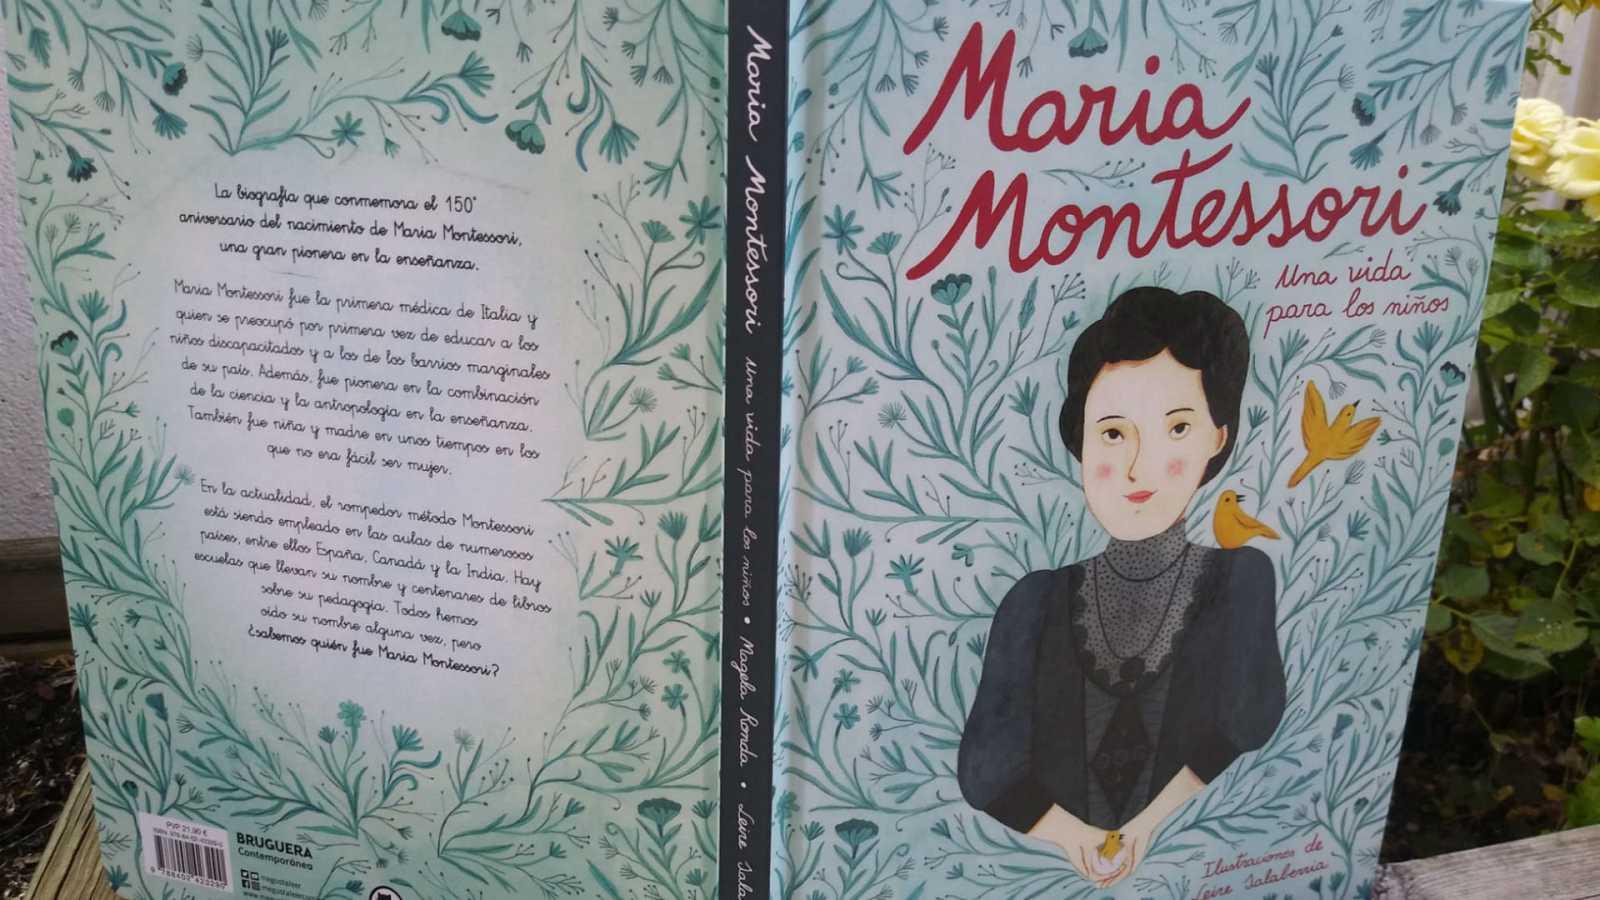 Educar para la paz - María Montessori, una vida para los niños - 16/06/20 - escuchar ahora